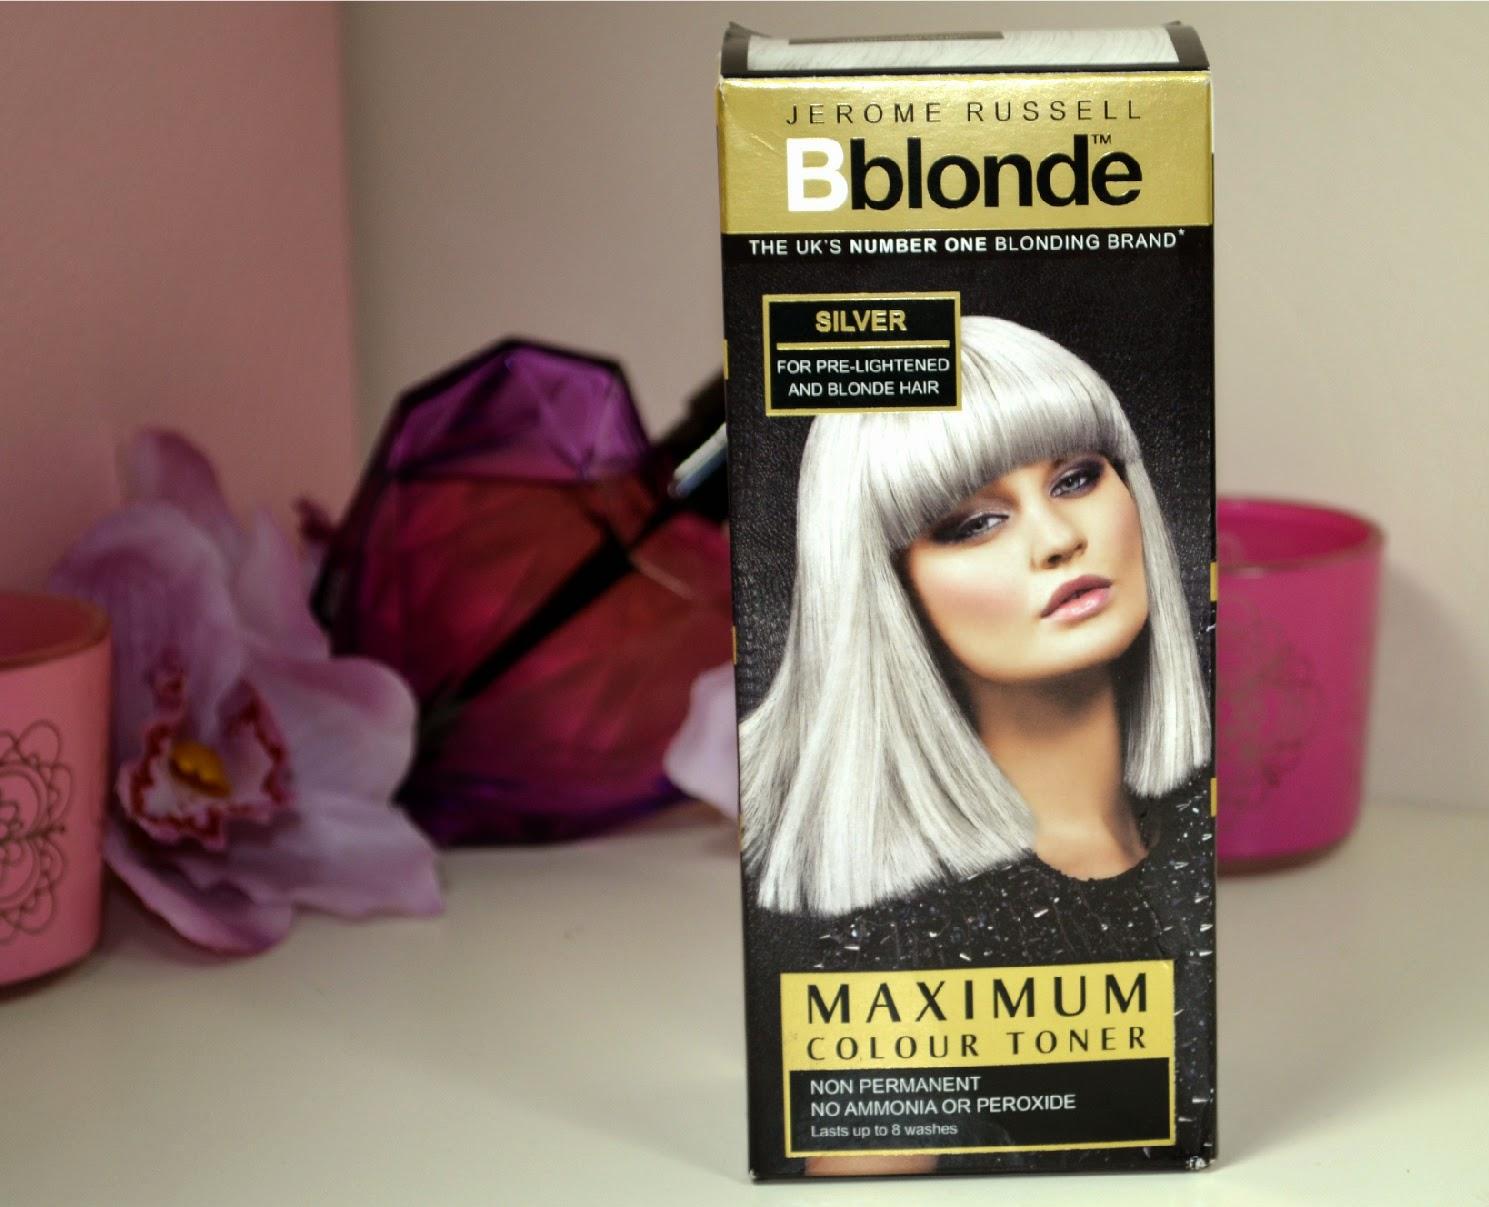 Bblonde Maximum Colour Toner In Silver Laura Trends